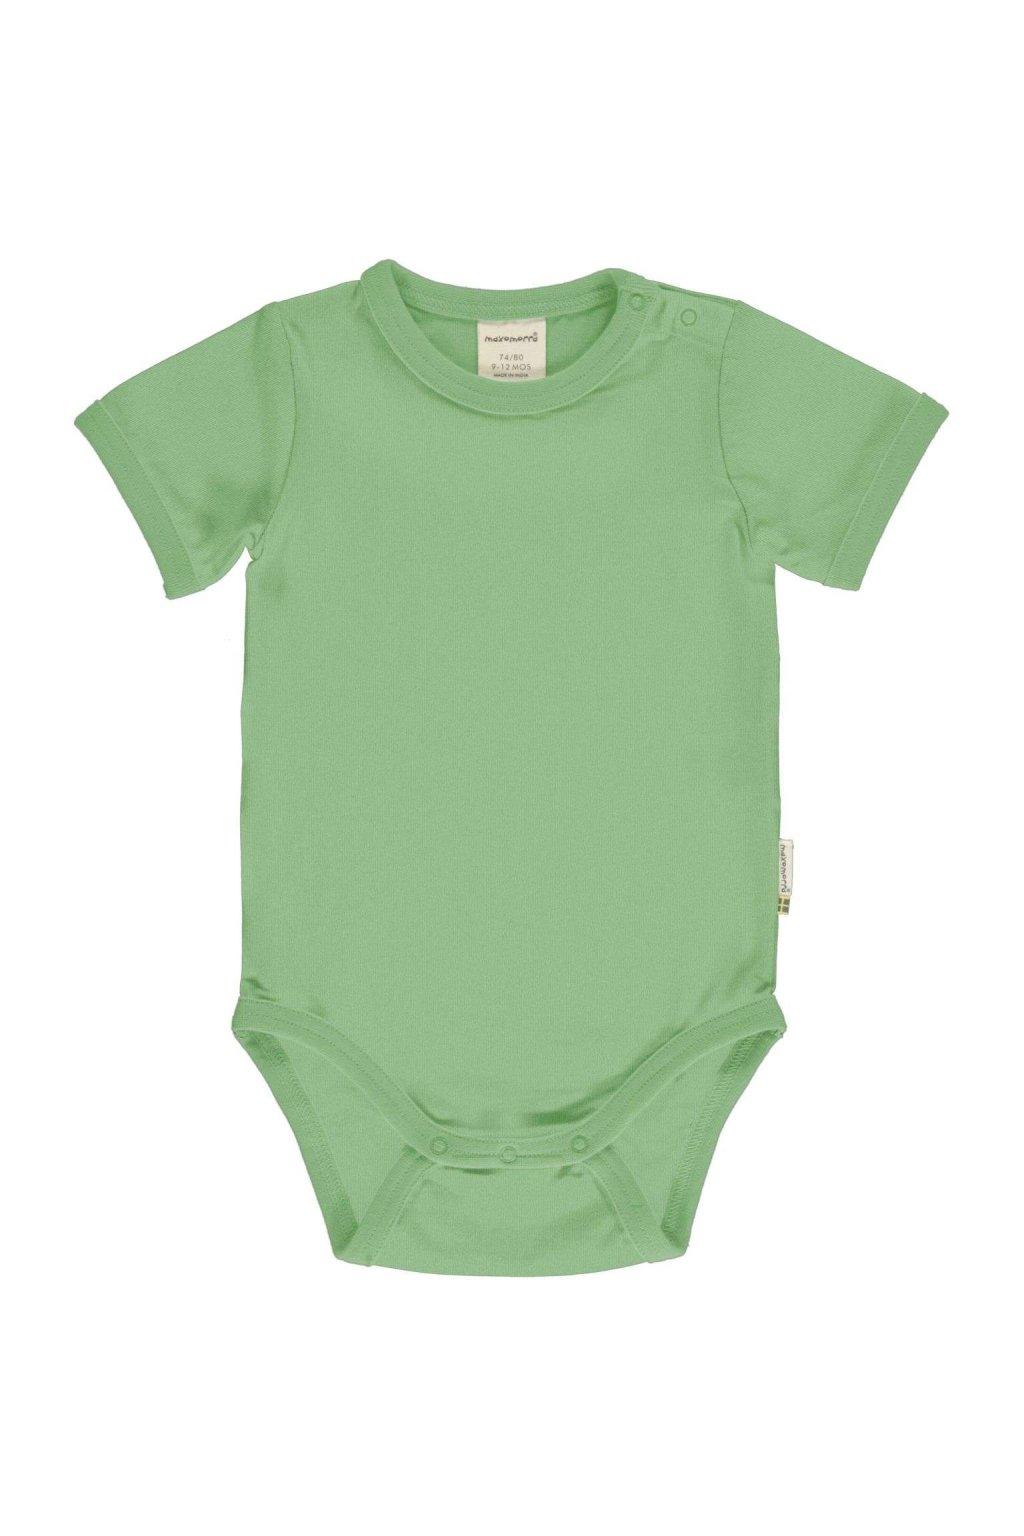 zelene biobavlnene kojenecke body s kratkym rukavem meyadey (2)